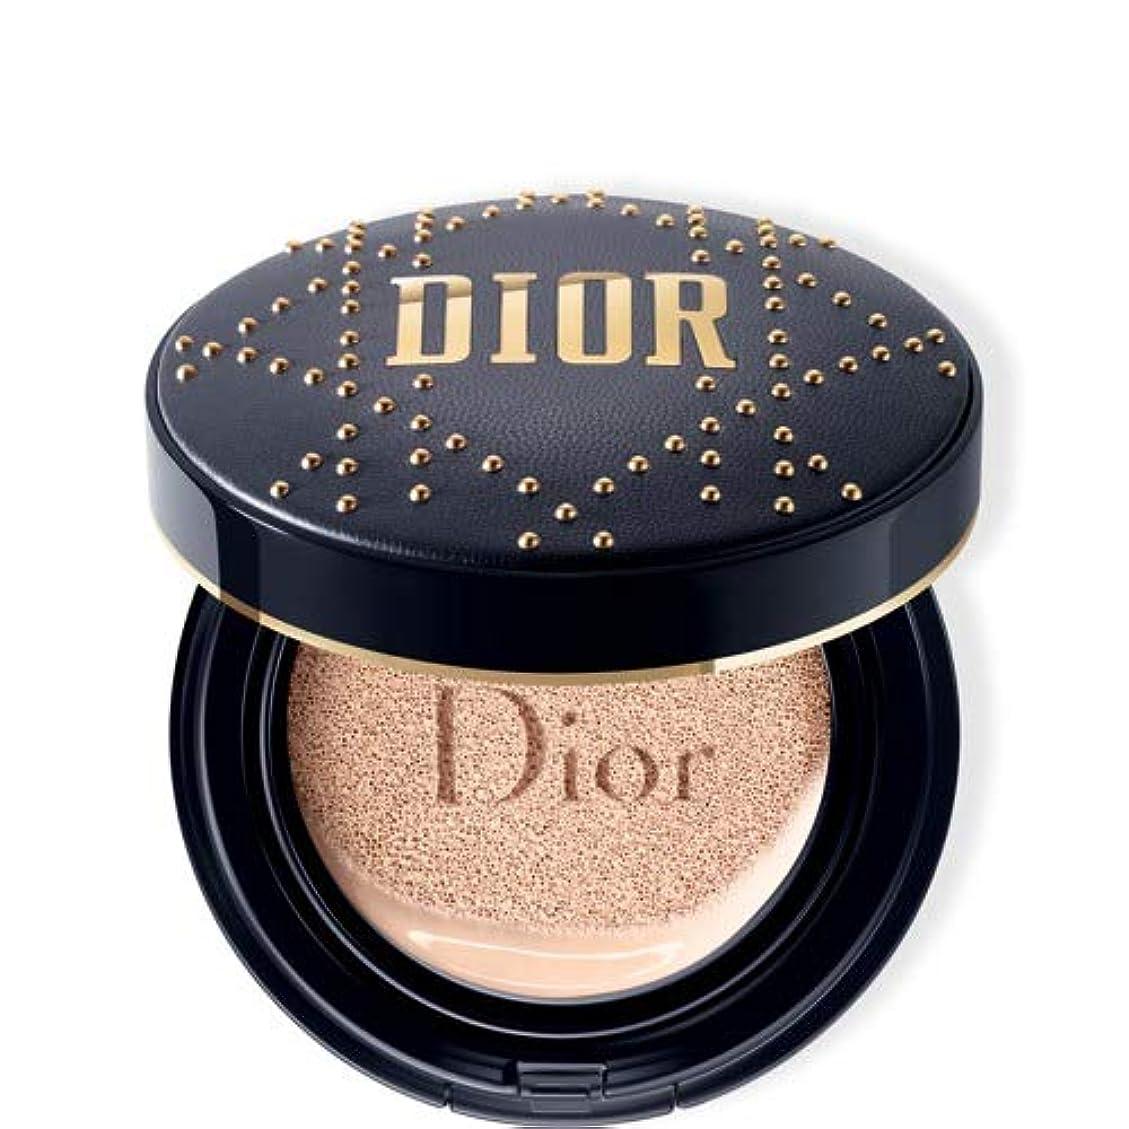 罹患率テスト火山学Dior ディオールスキン フォーエヴァー クッション - 限定スタッズ カナージュ ケース #010